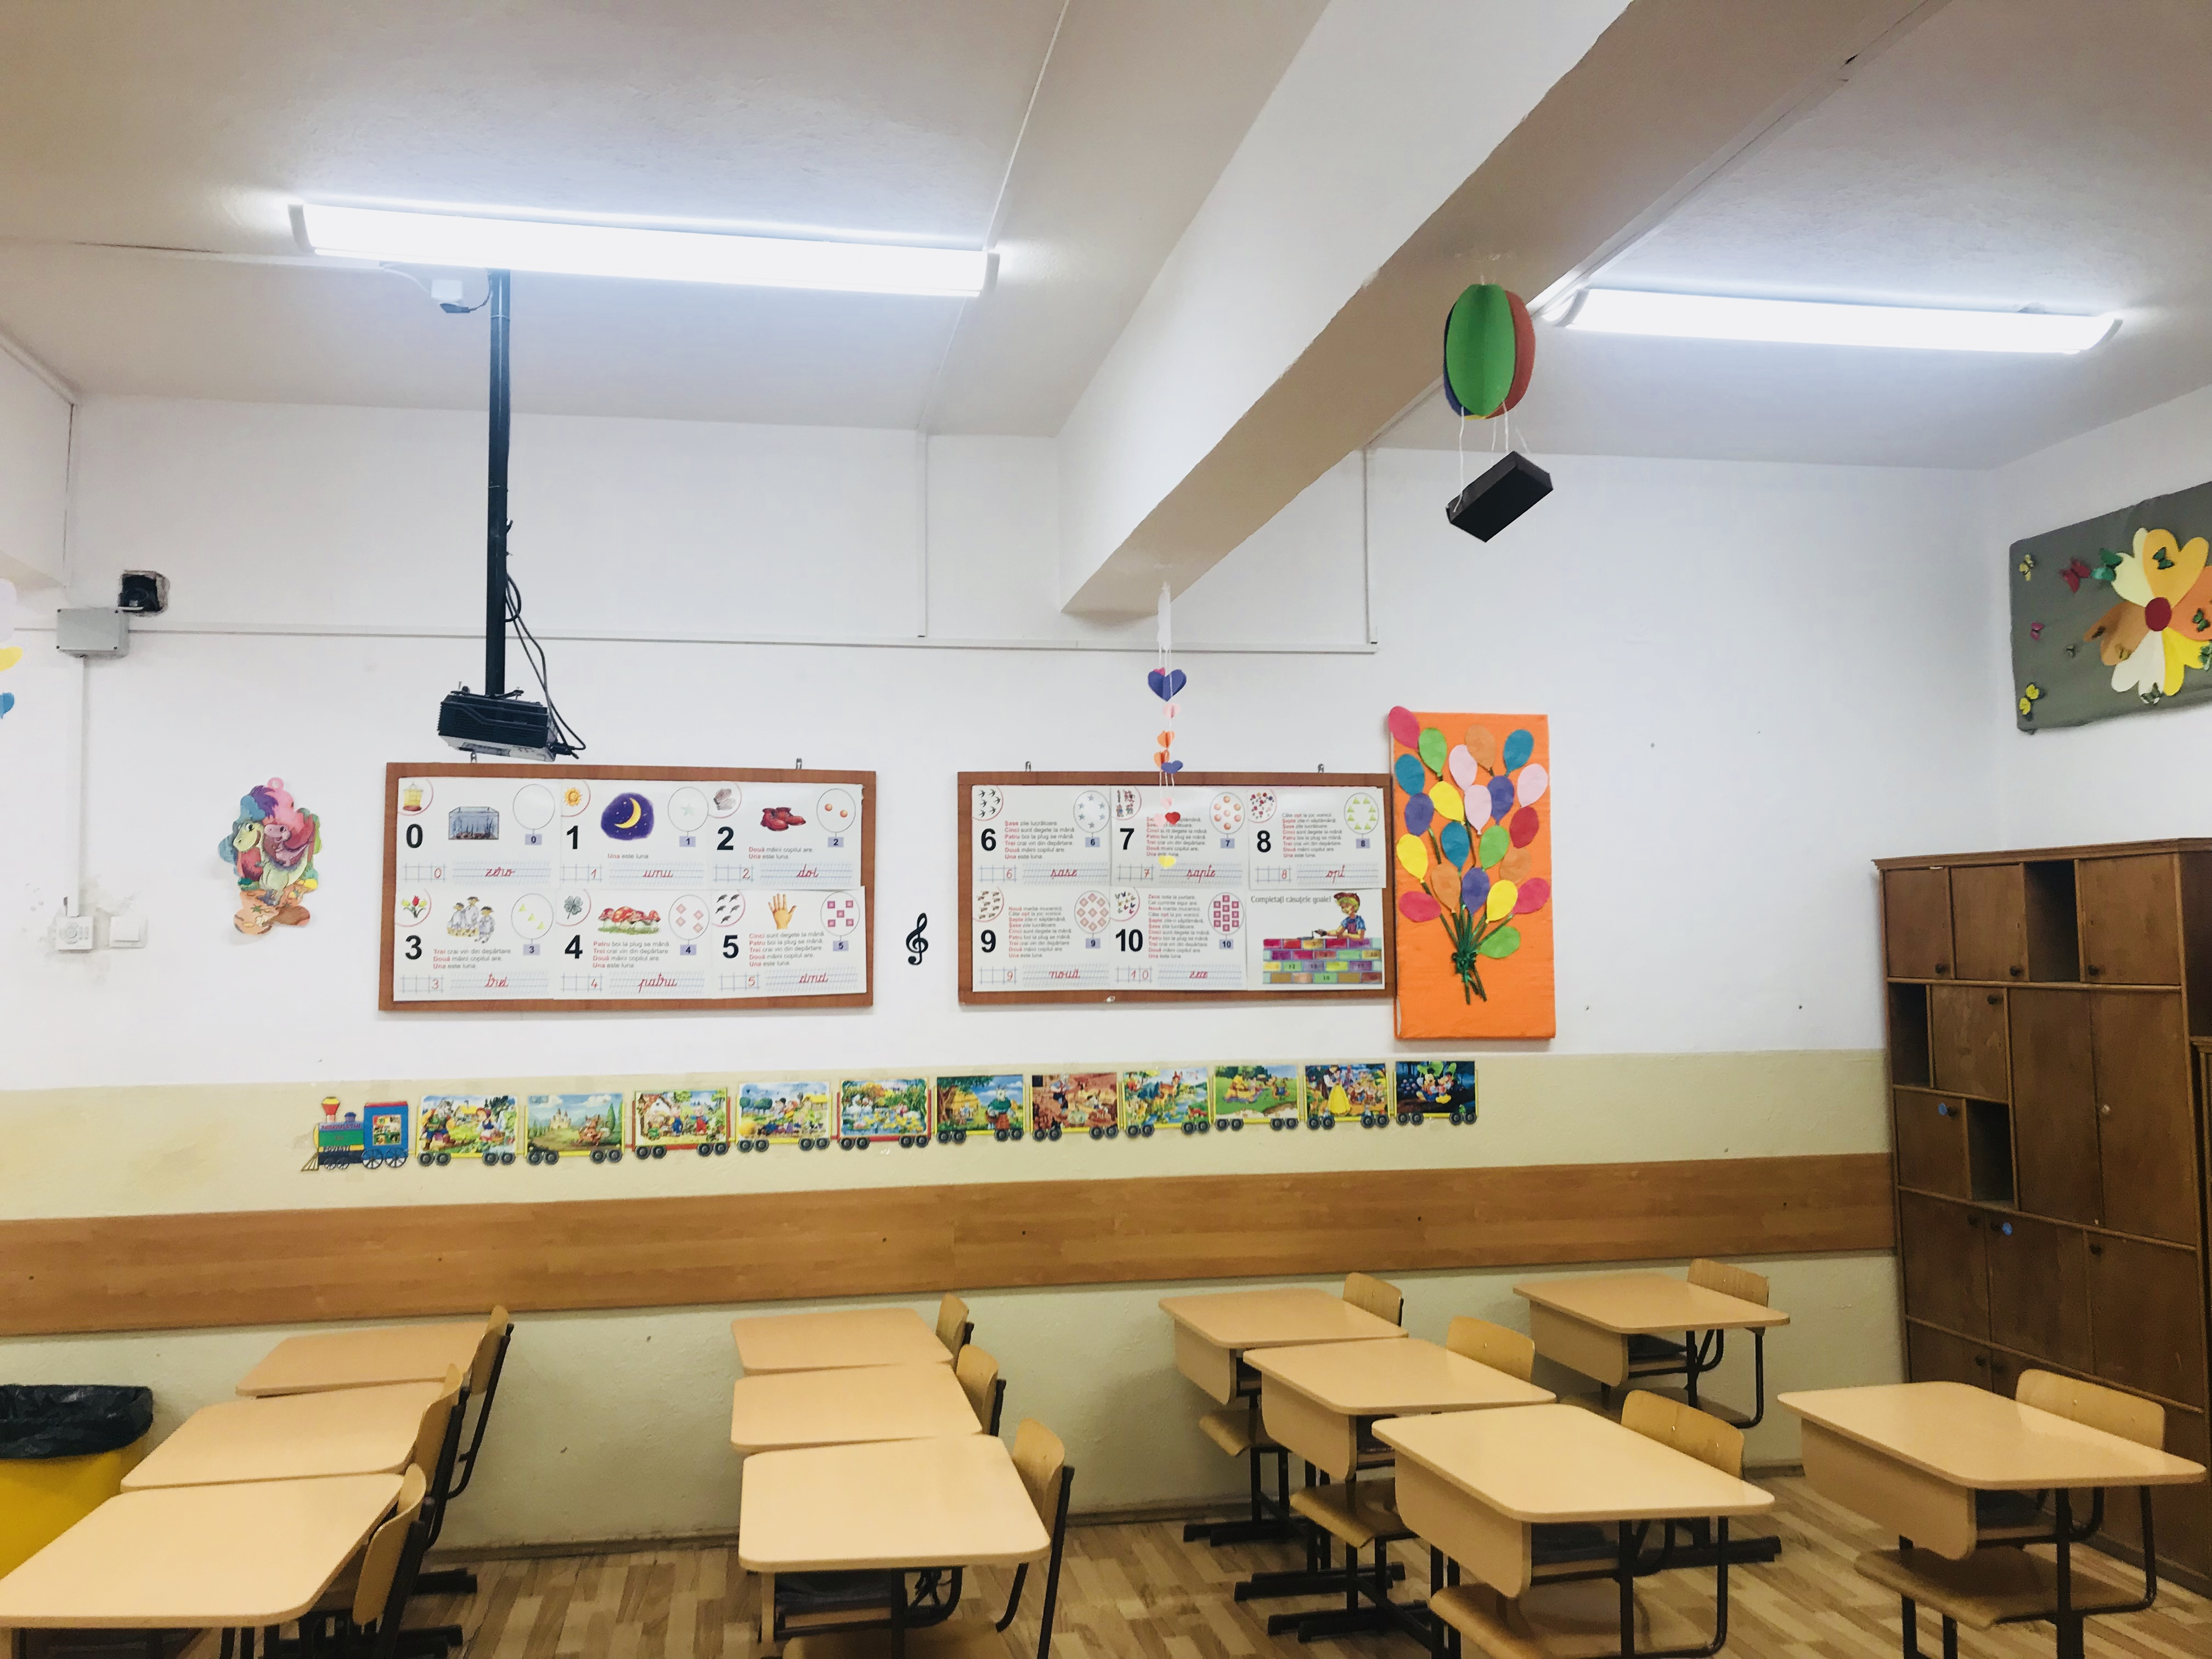 Sistem de iluminat inteligent pentru o şcoală gimnazială, marca Telekom Romania